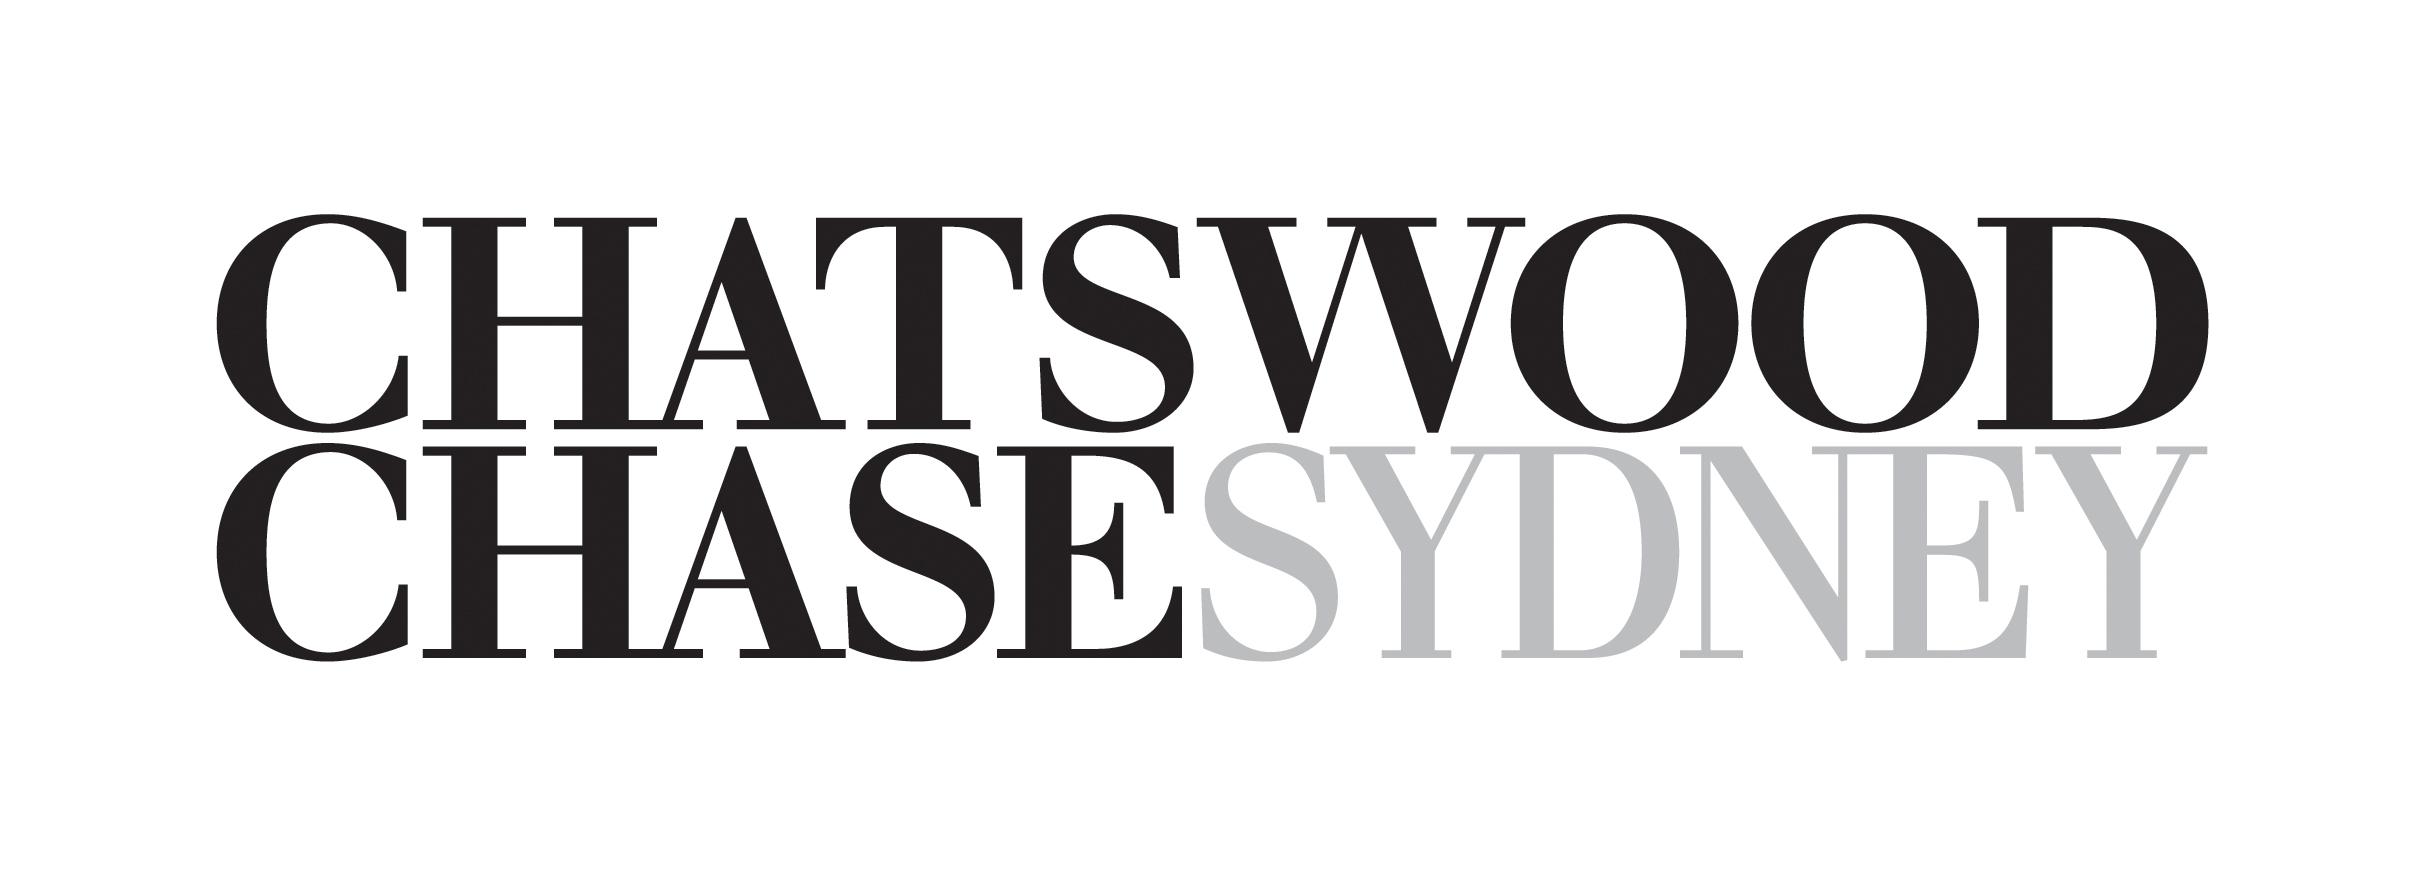 www.chatswoodchasesydney.com.au